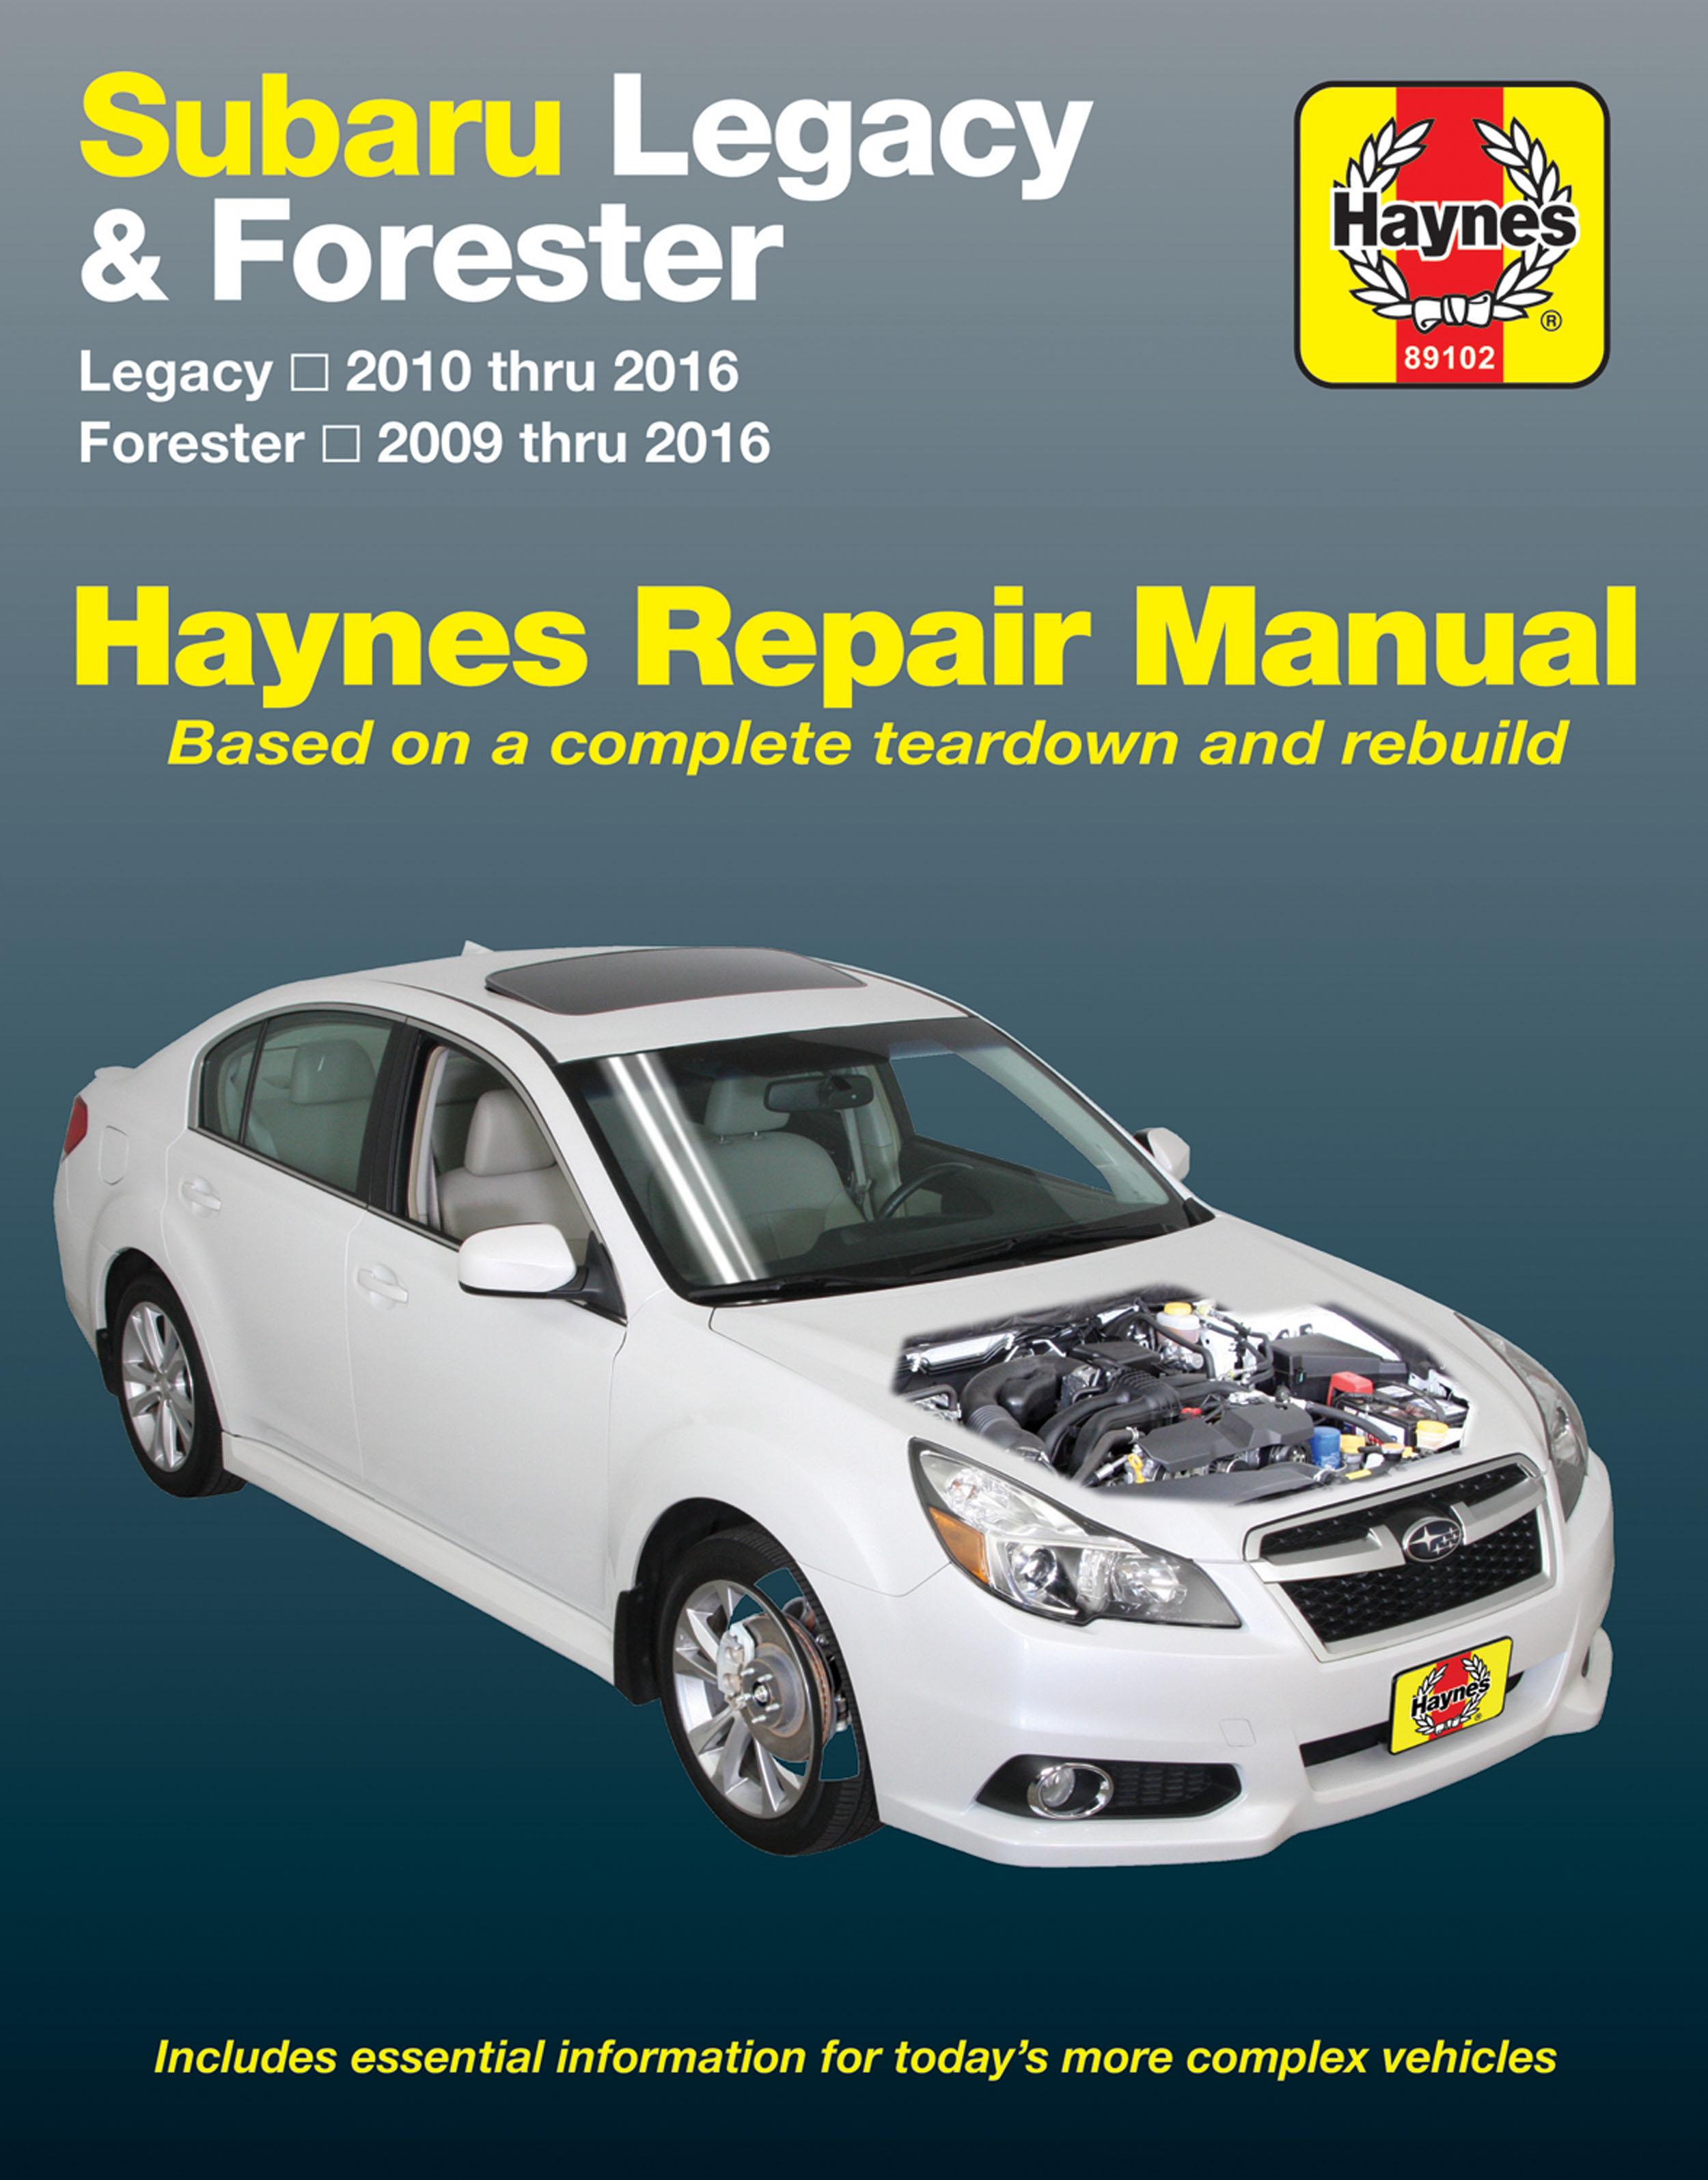 subaru legacy 10 16 forester 09 16 haynes repair manual usa rh haynes com  Haynes Repair Manuals Online Haynes Repair Manual Online View